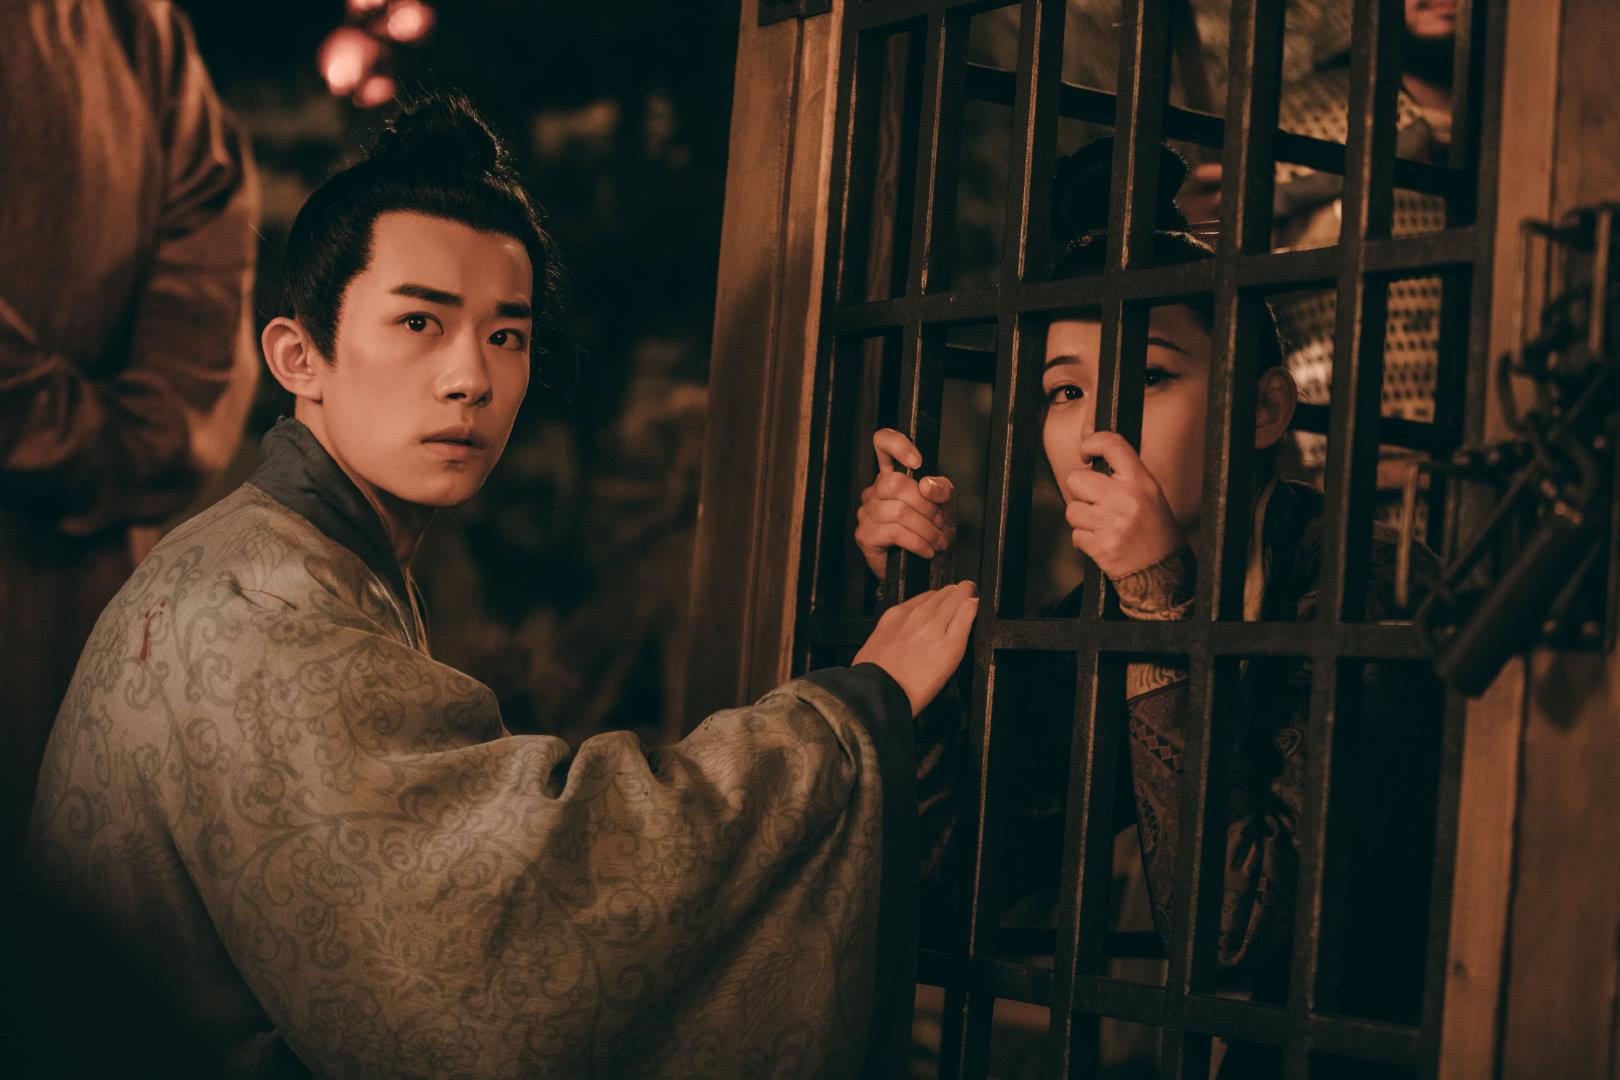 《街舞2》队员朝易烊千玺做叉手礼,千玺的回应很利落,剧粉实锤